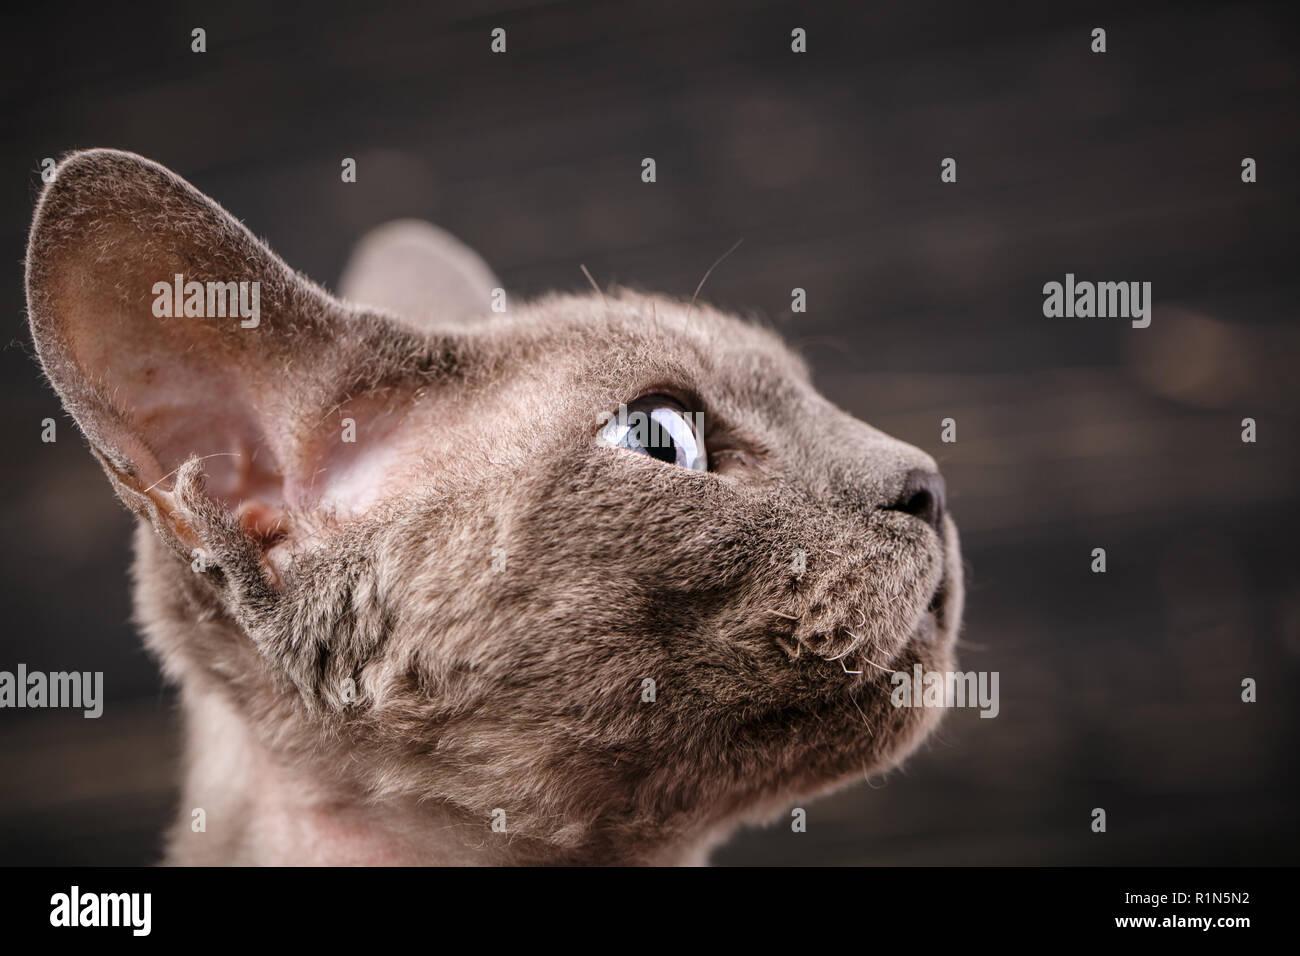 Devon-Rex Katze Nahaufnahme Porträt. Ausstellung von Katzen Konzept. Stockfoto